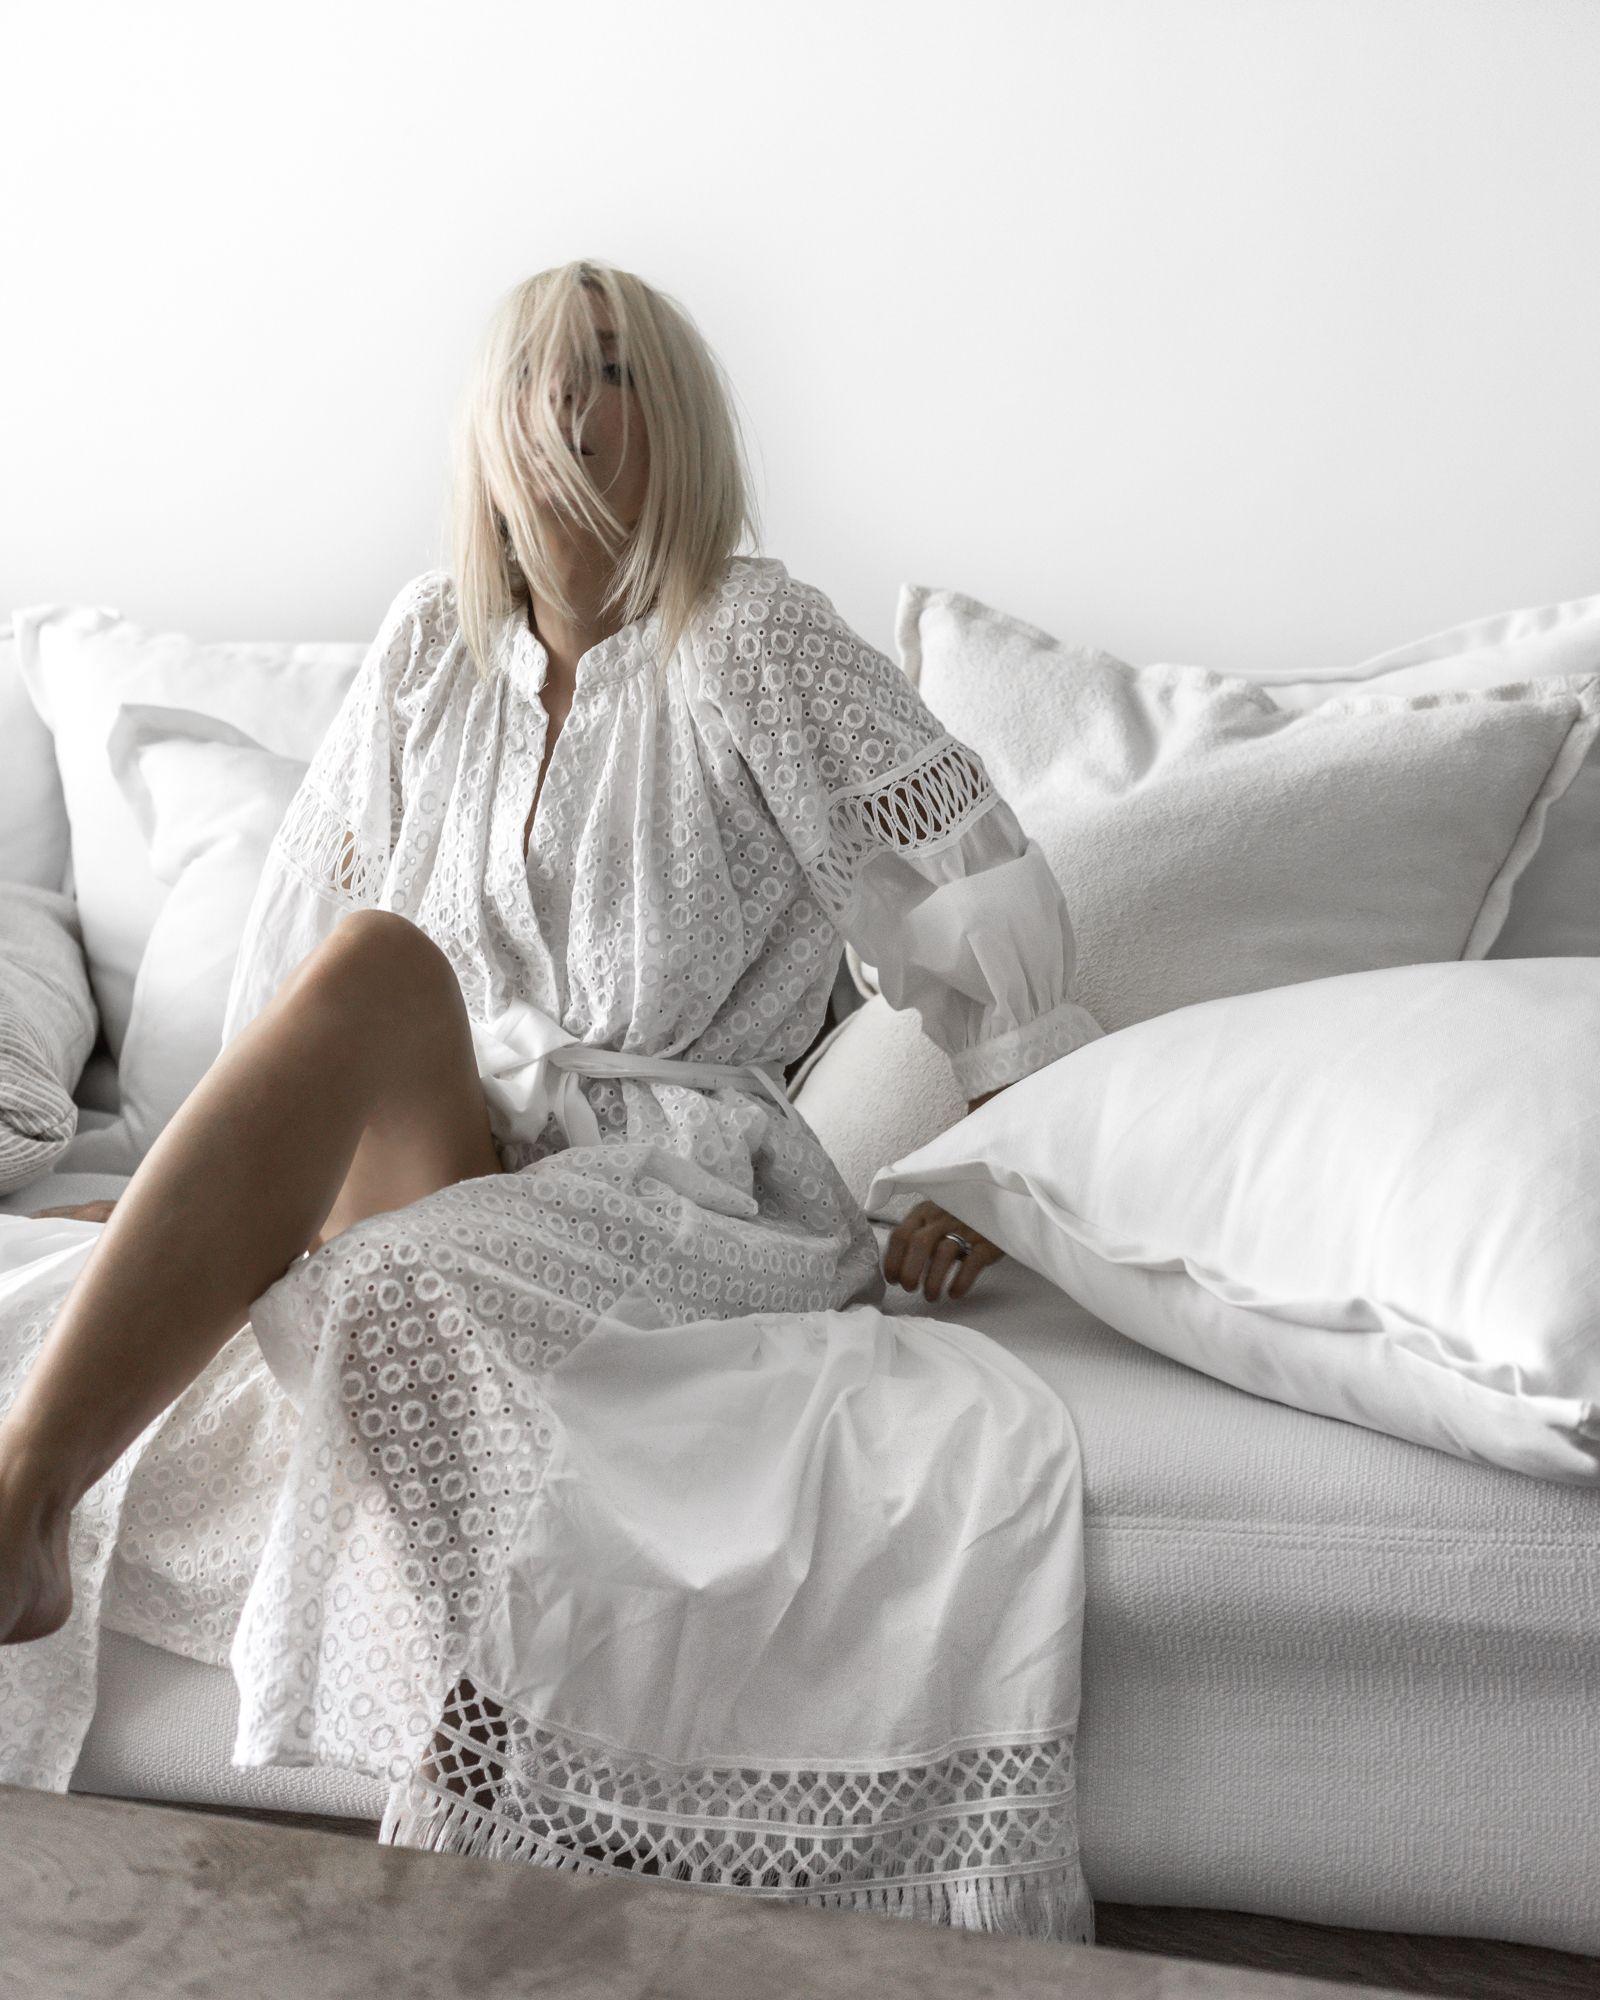 Shop my closet! #figtny | F I G T N Y in 2019 | Dress ...